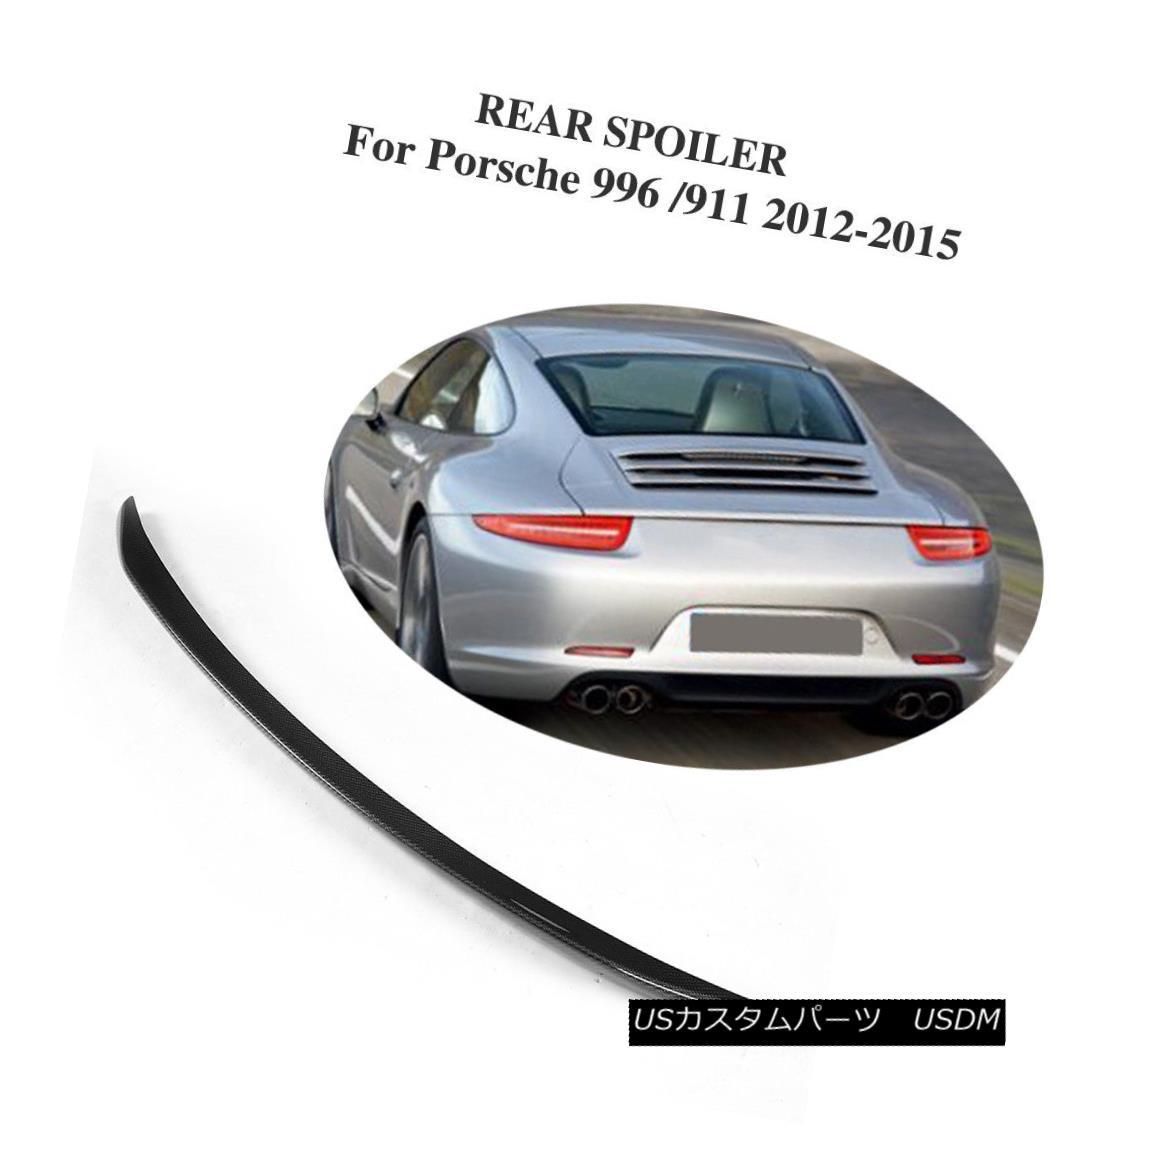 エアロパーツ Carbon Fiber Black Car Rear Wing LipTrunk Spoiler Fit For Porsche 991 2012-2015 炭素繊維黒い車の後部翼のリップトランクのスポイラーフィットポルシェ991 2012-2015年